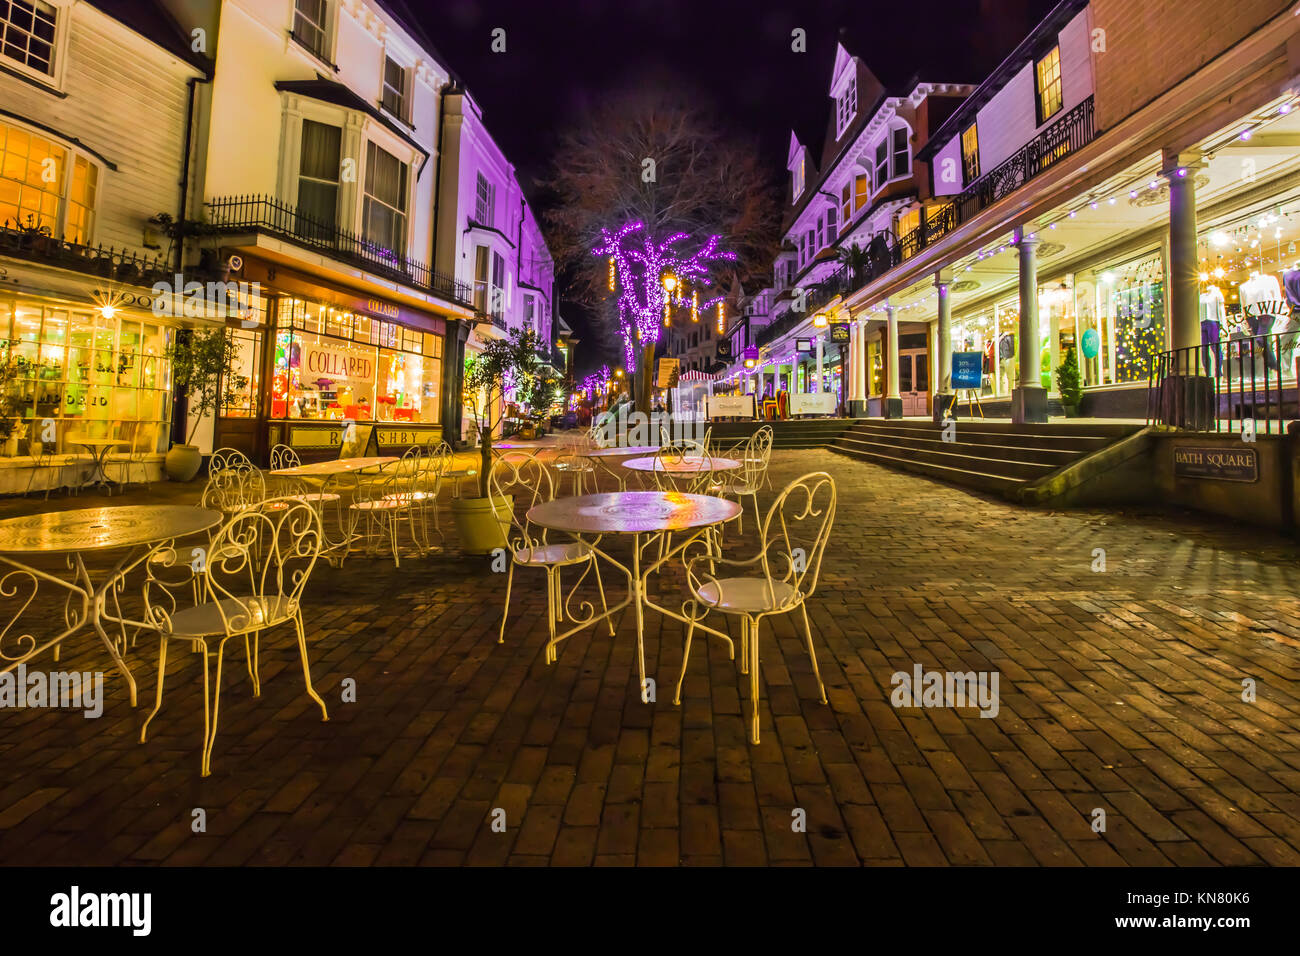 Royal Tunbridge Wells die Dachpfannen Dämmerung Abend dunkel mit shop Lichter und weihnachtliche Lichter Dezember Stockbild